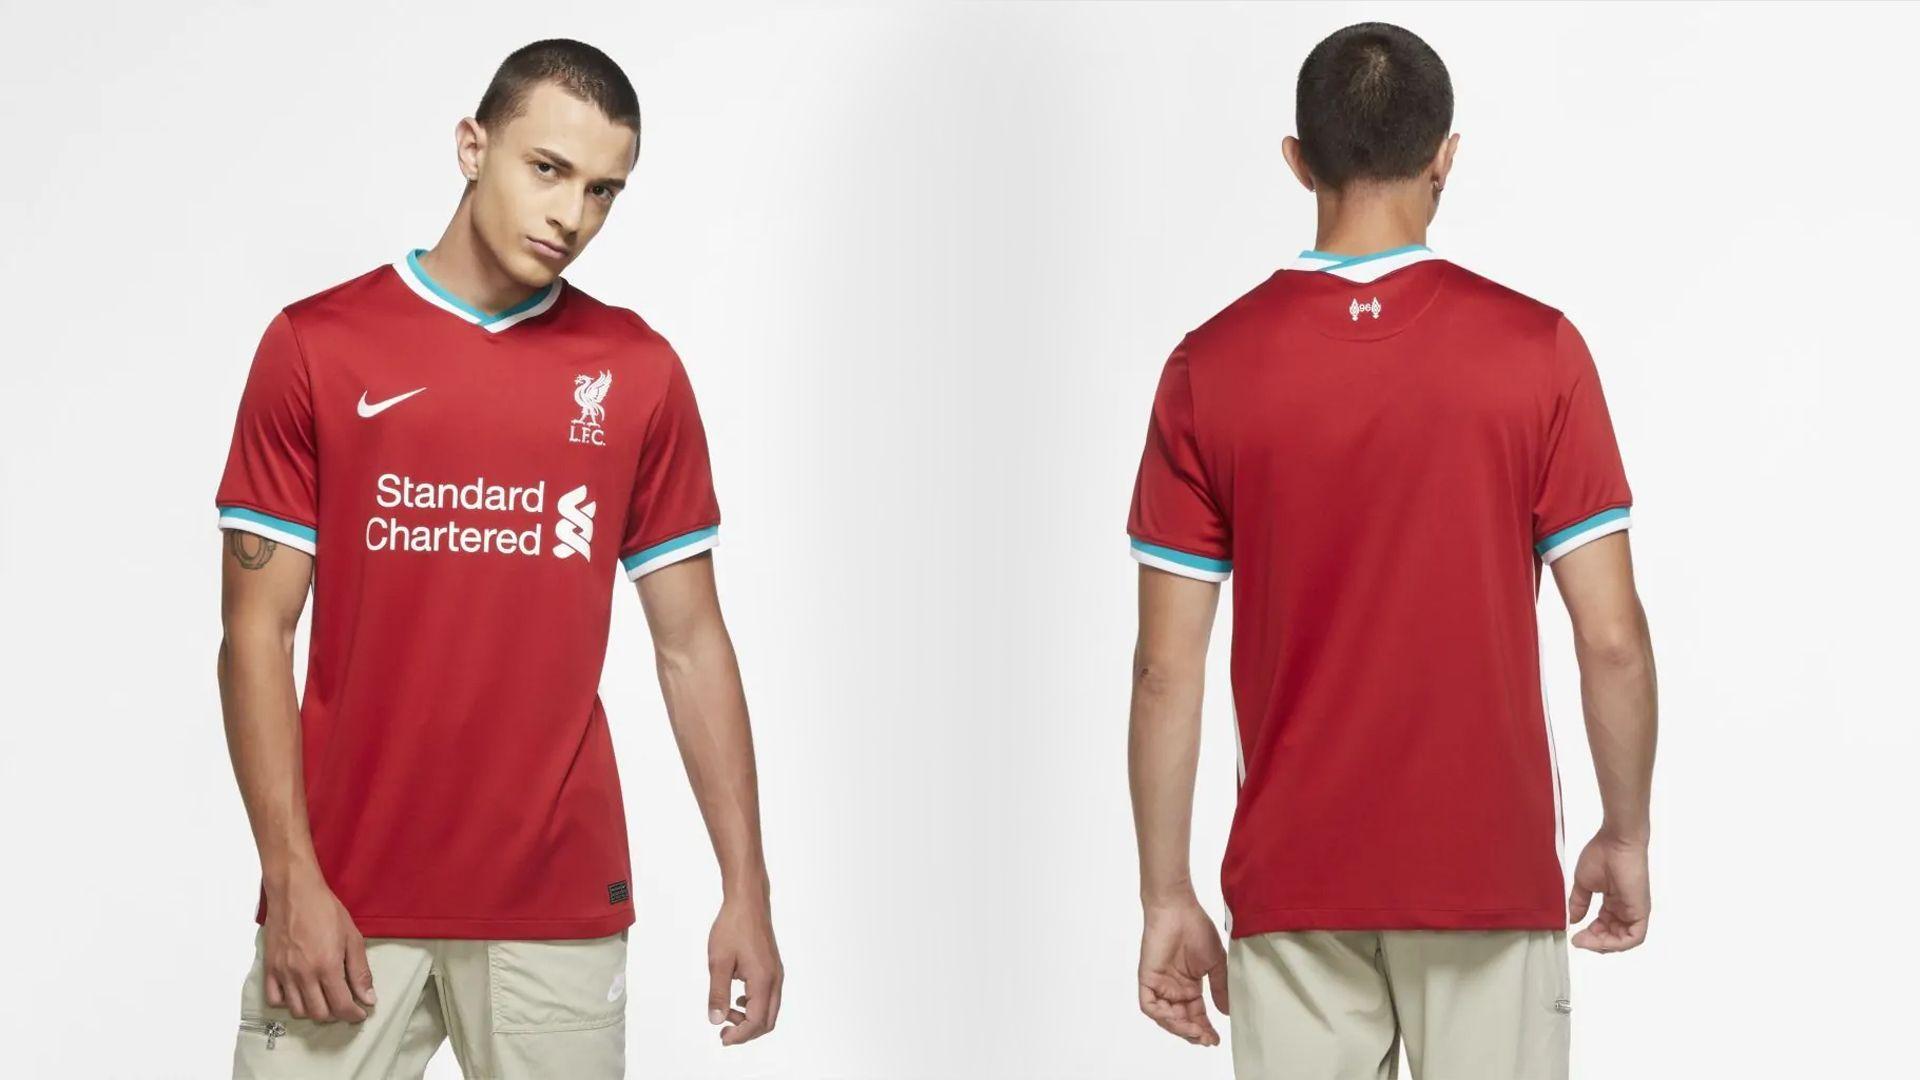 Camisa do Liverpool Vermelha (Imagem: Divulgação/Nike)